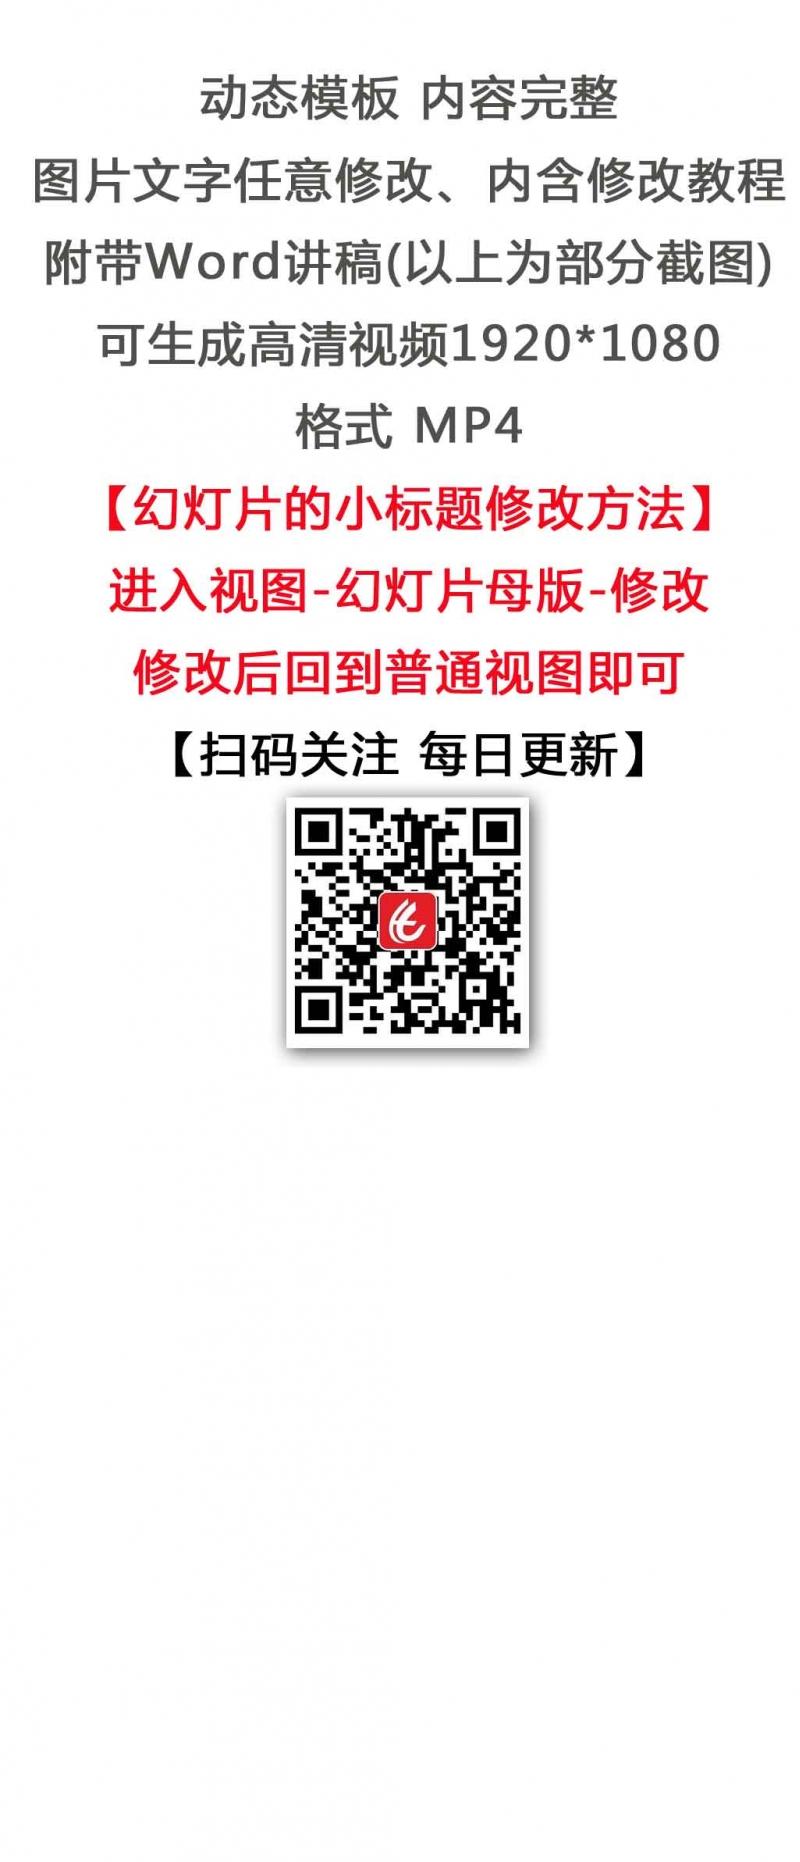 党支部七项组织生活制度党课课件培训PPT模板